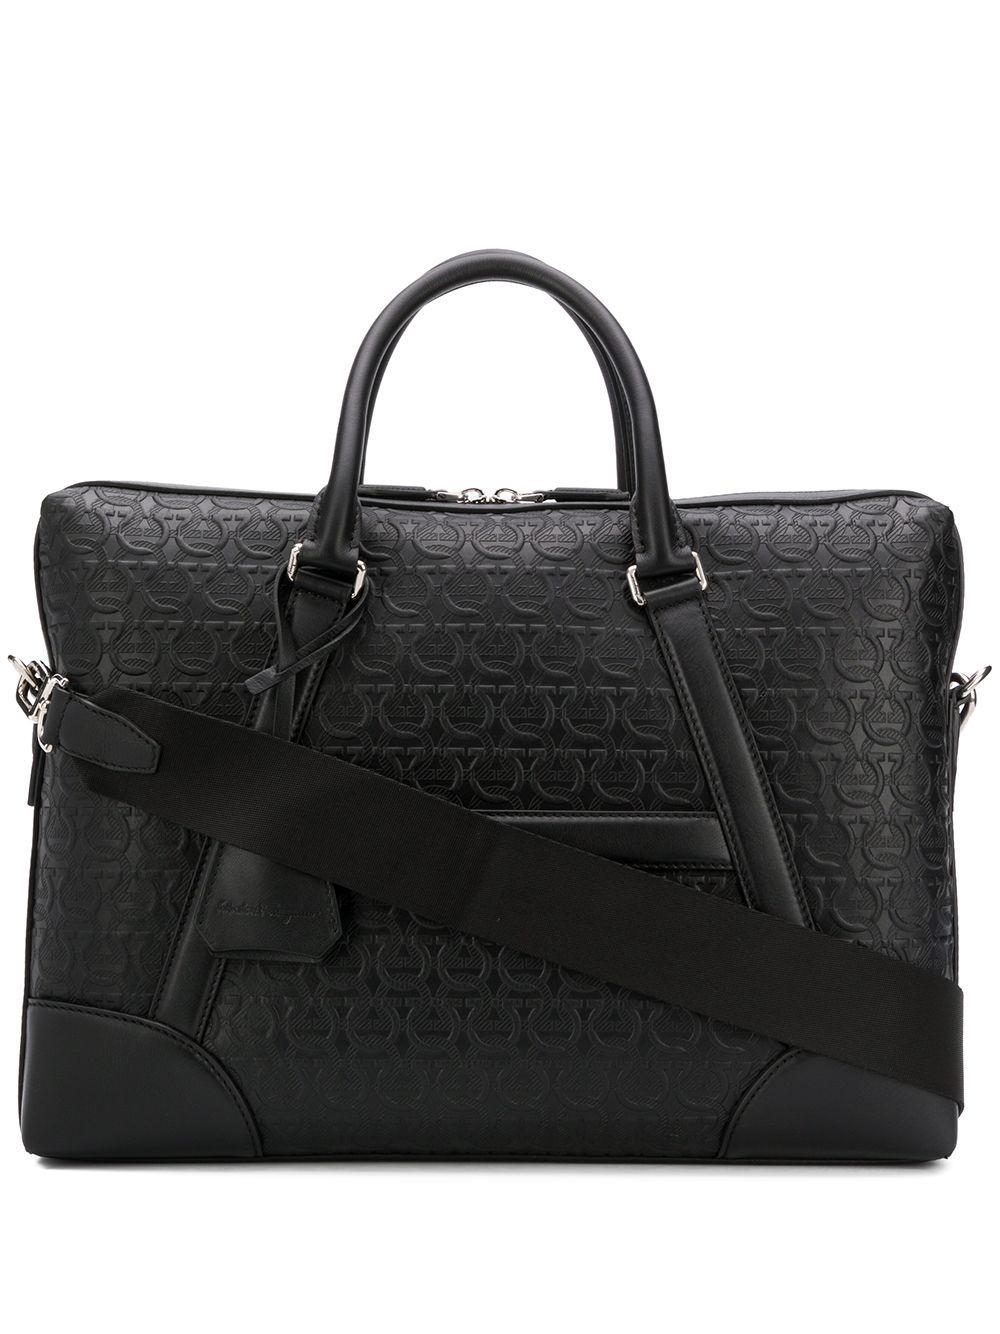 Salvatore ferragamo borse... nero